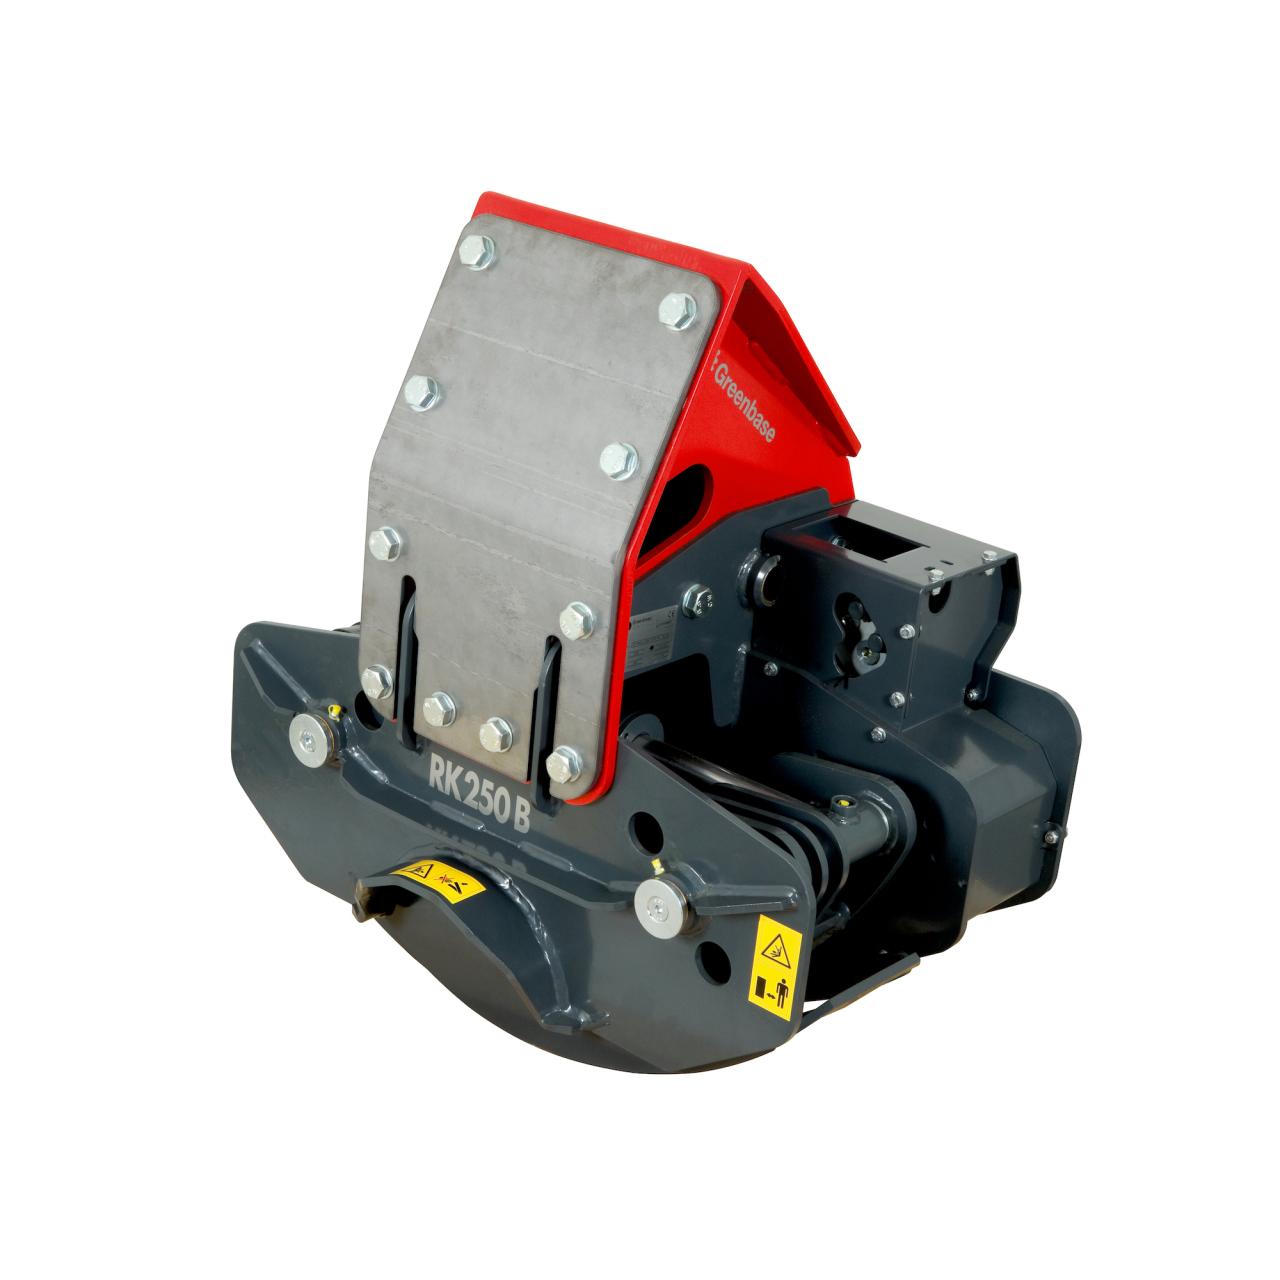 Forstgreifer RK 250B mit Rotator